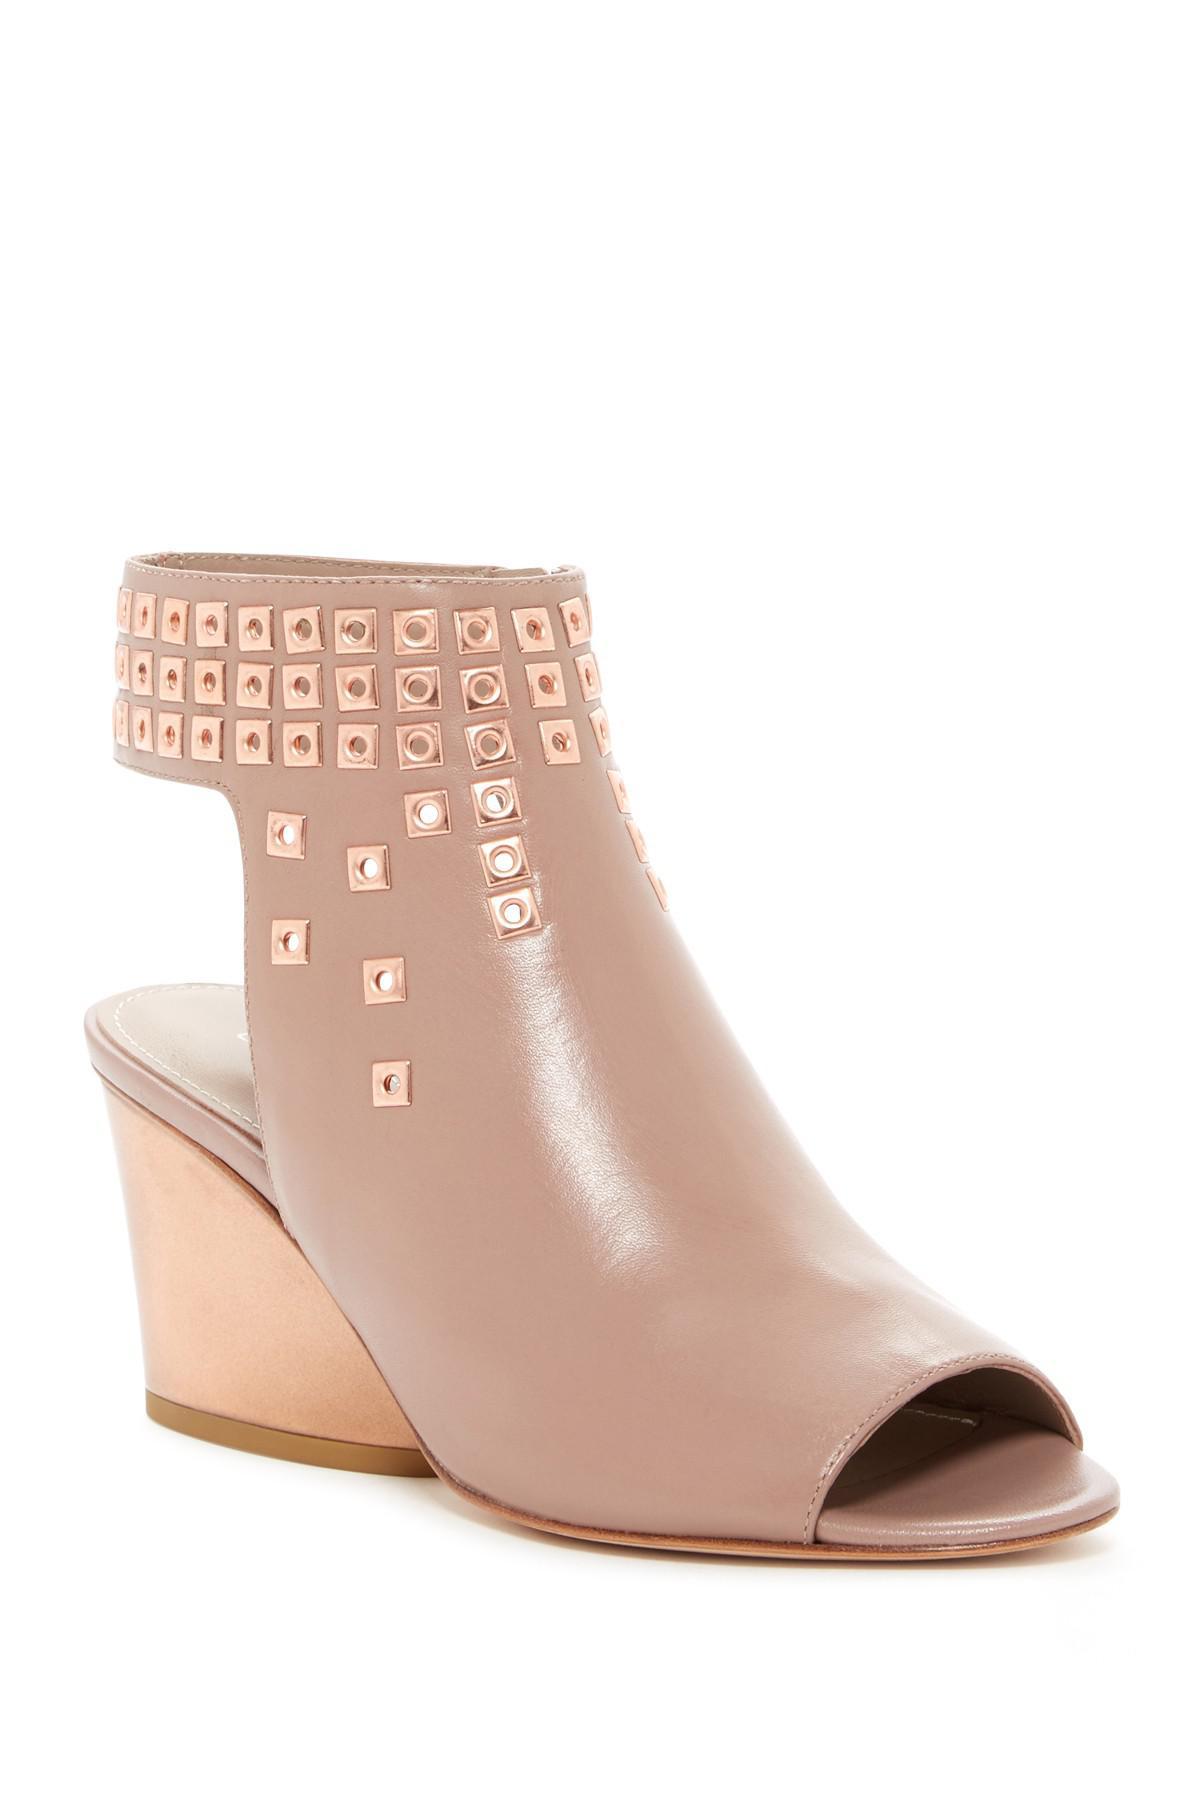 57fd0358d67 Donald J Pliner. Women s Jane Studded Wedge Sandal